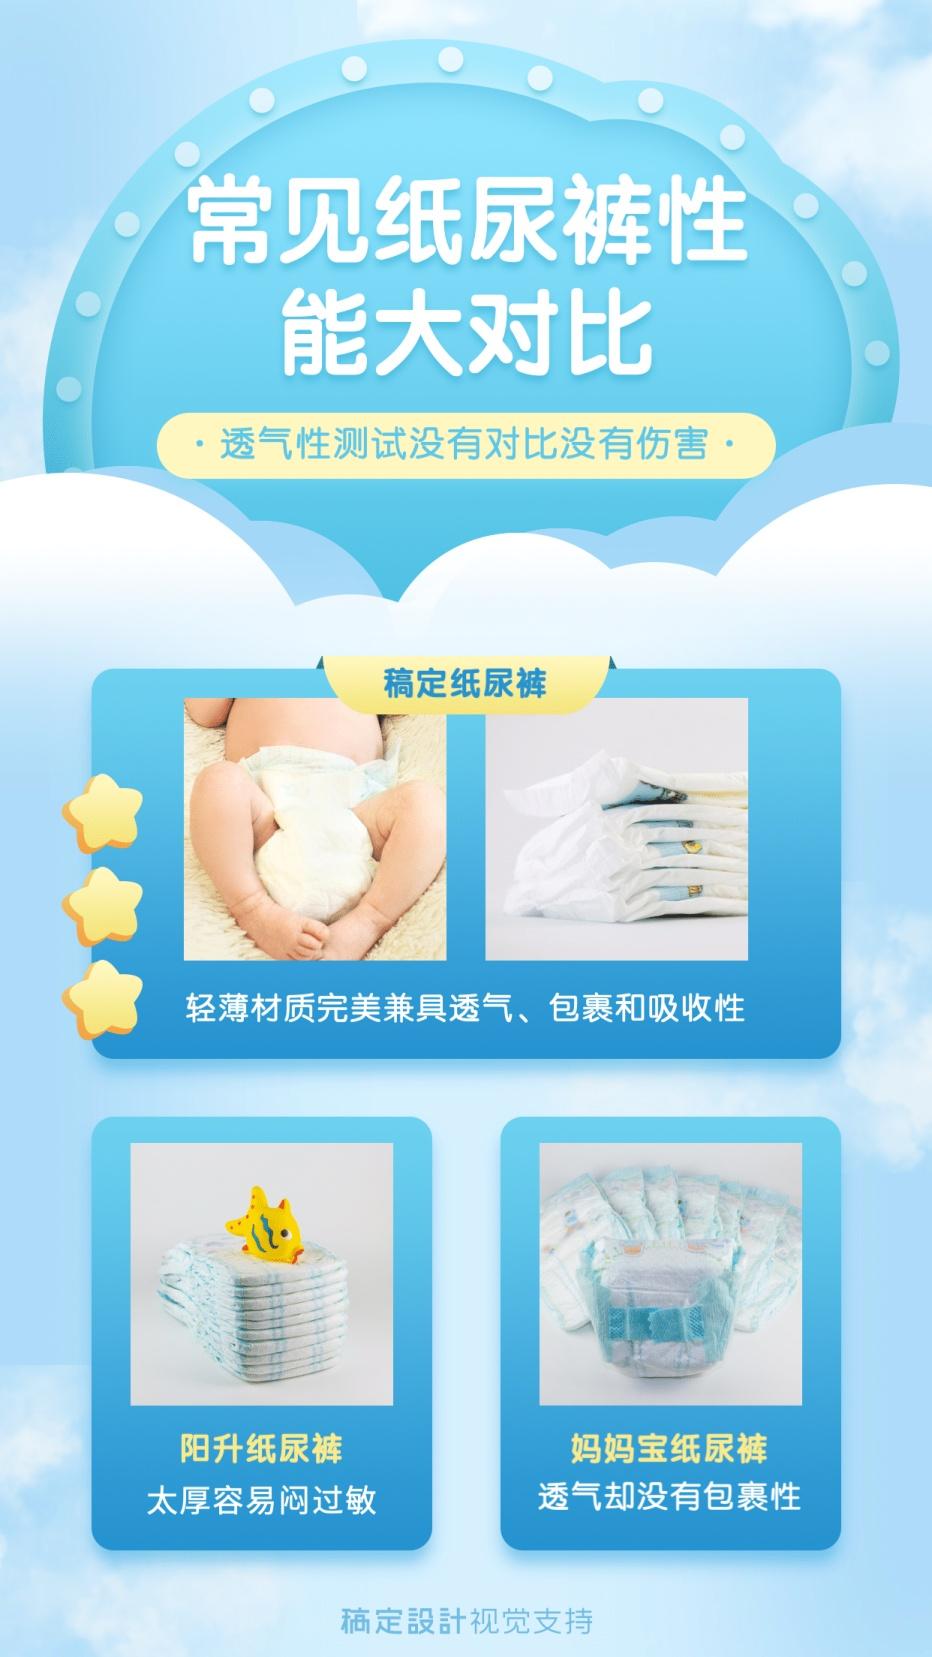 纸尿裤产品展示对比图